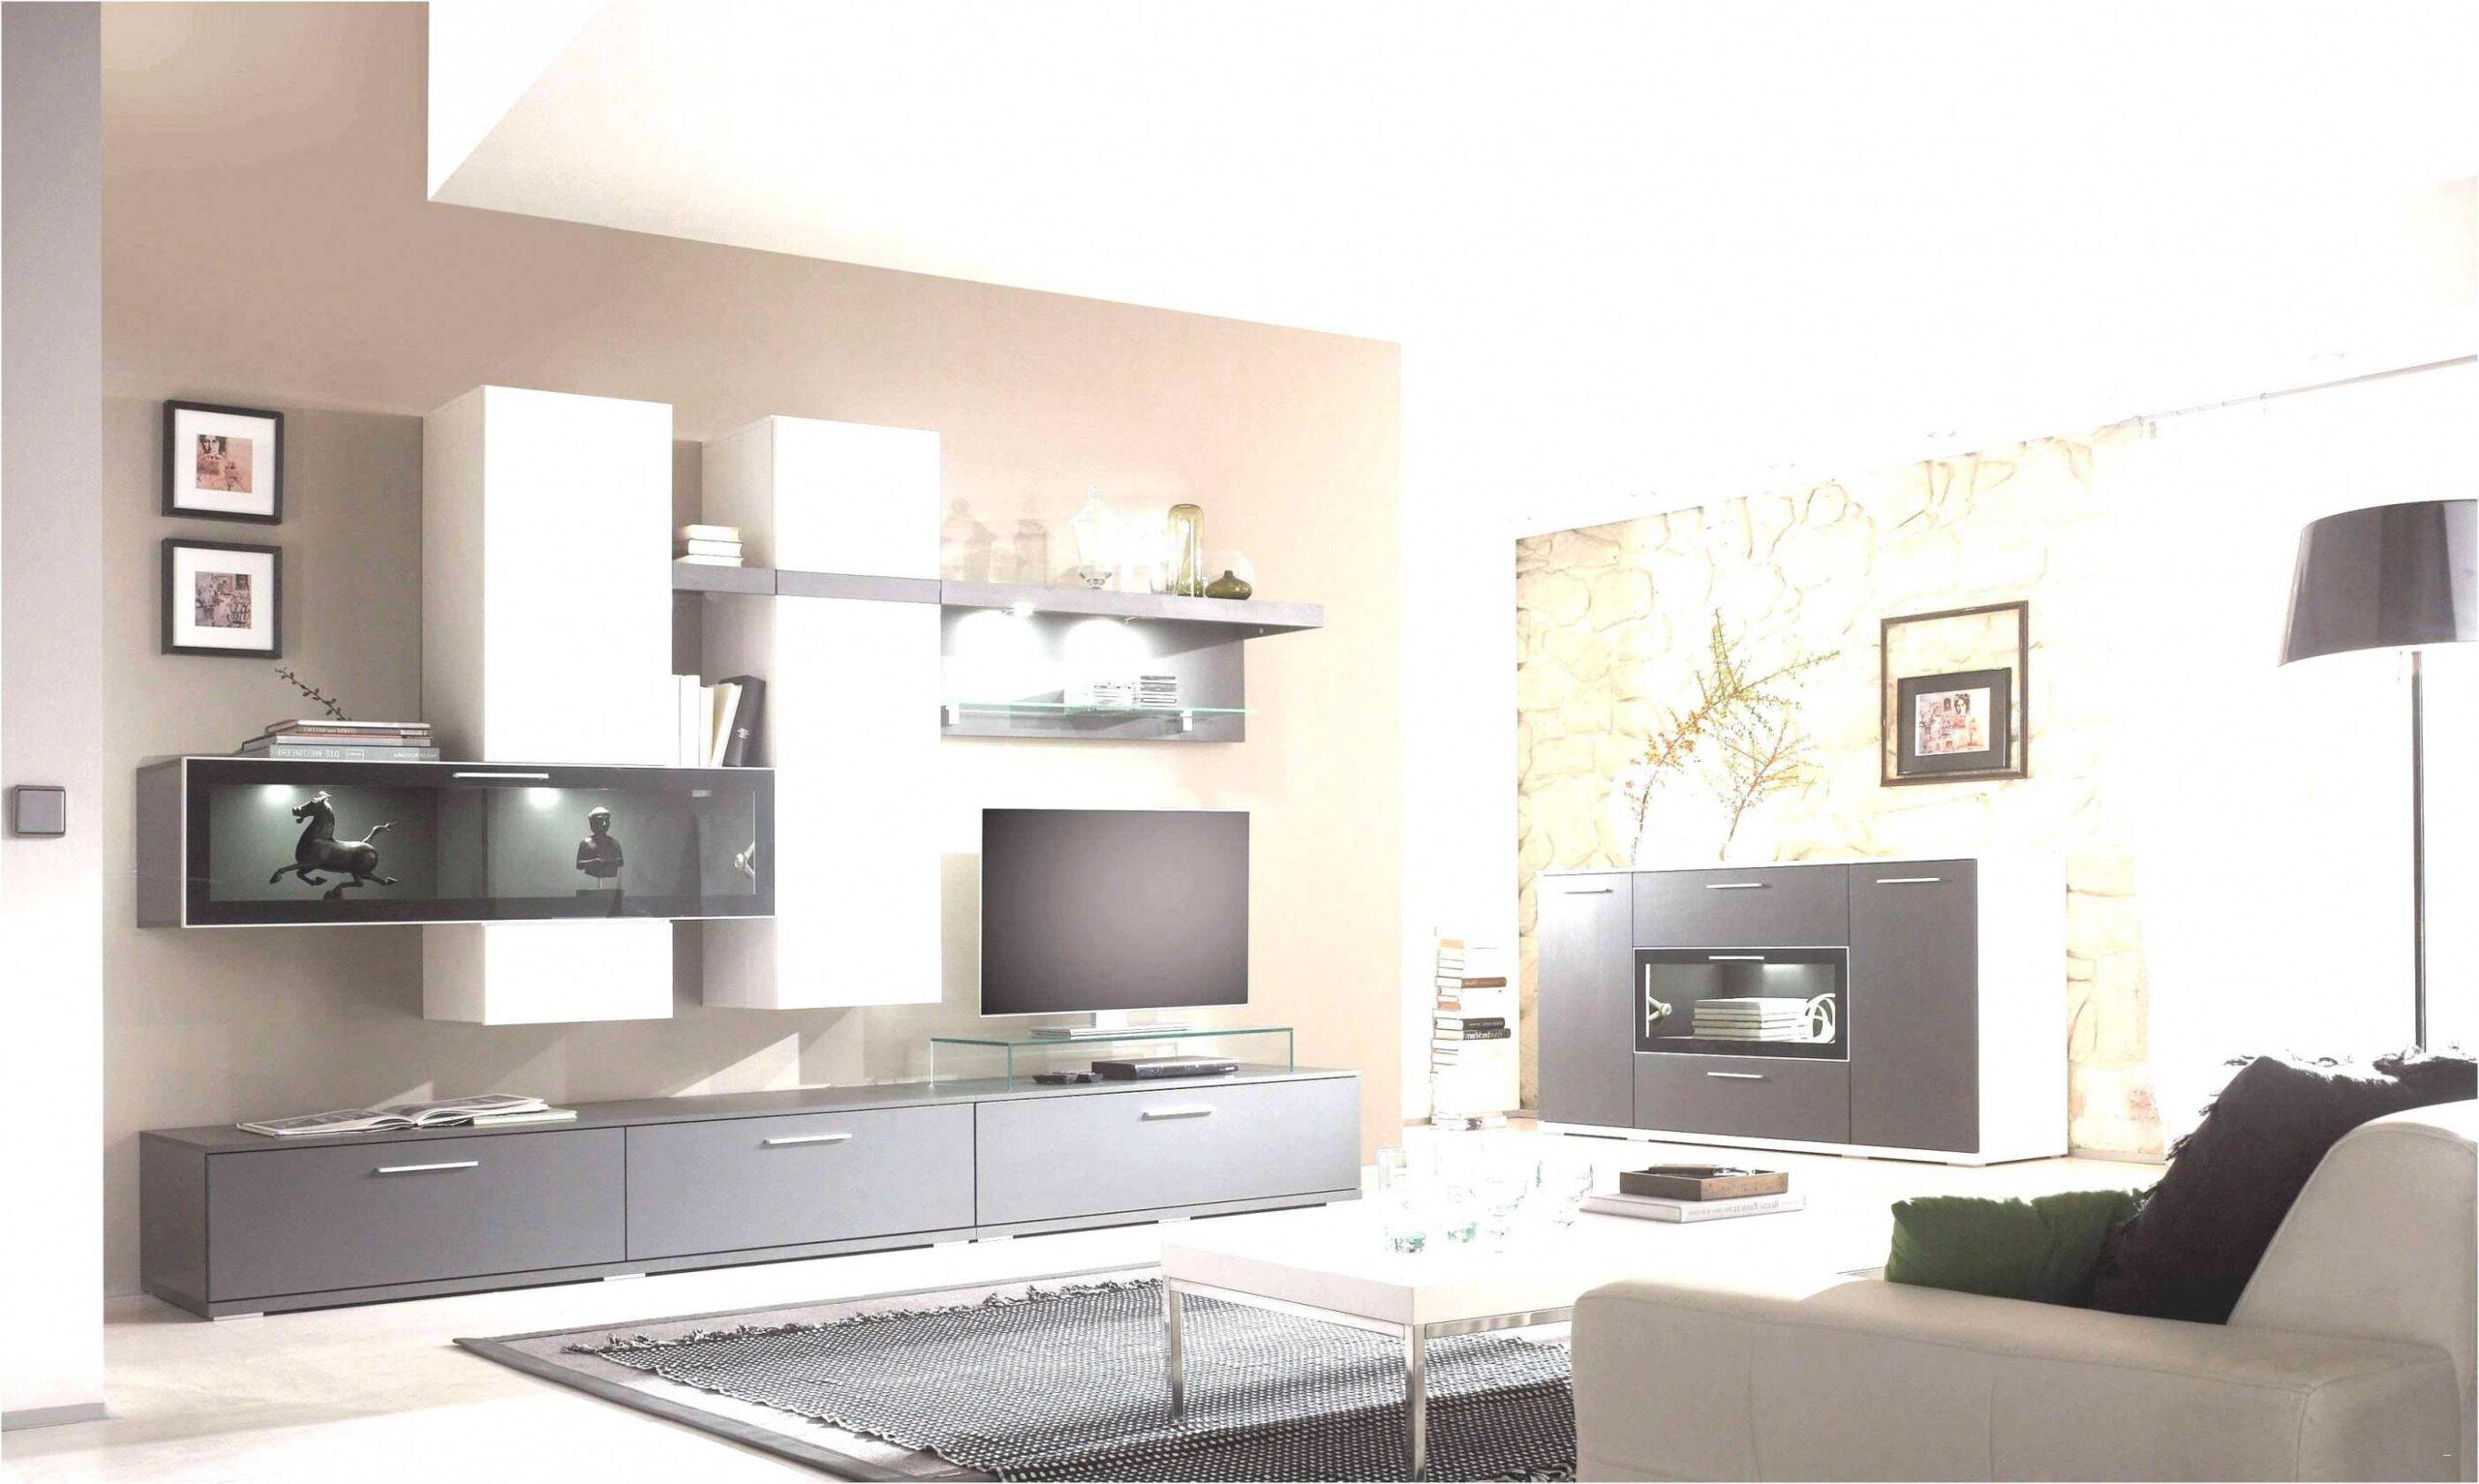 Full Size of Schlafzimmer Komplett Modern Ikea Luxus 35 Chic Wohnwand Ideen Schranksysteme Set Mit Matratze Und Lattenrost Deckenleuchte Komplettküche Weiß Küche Holz Wohnzimmer Schlafzimmer Komplett Modern